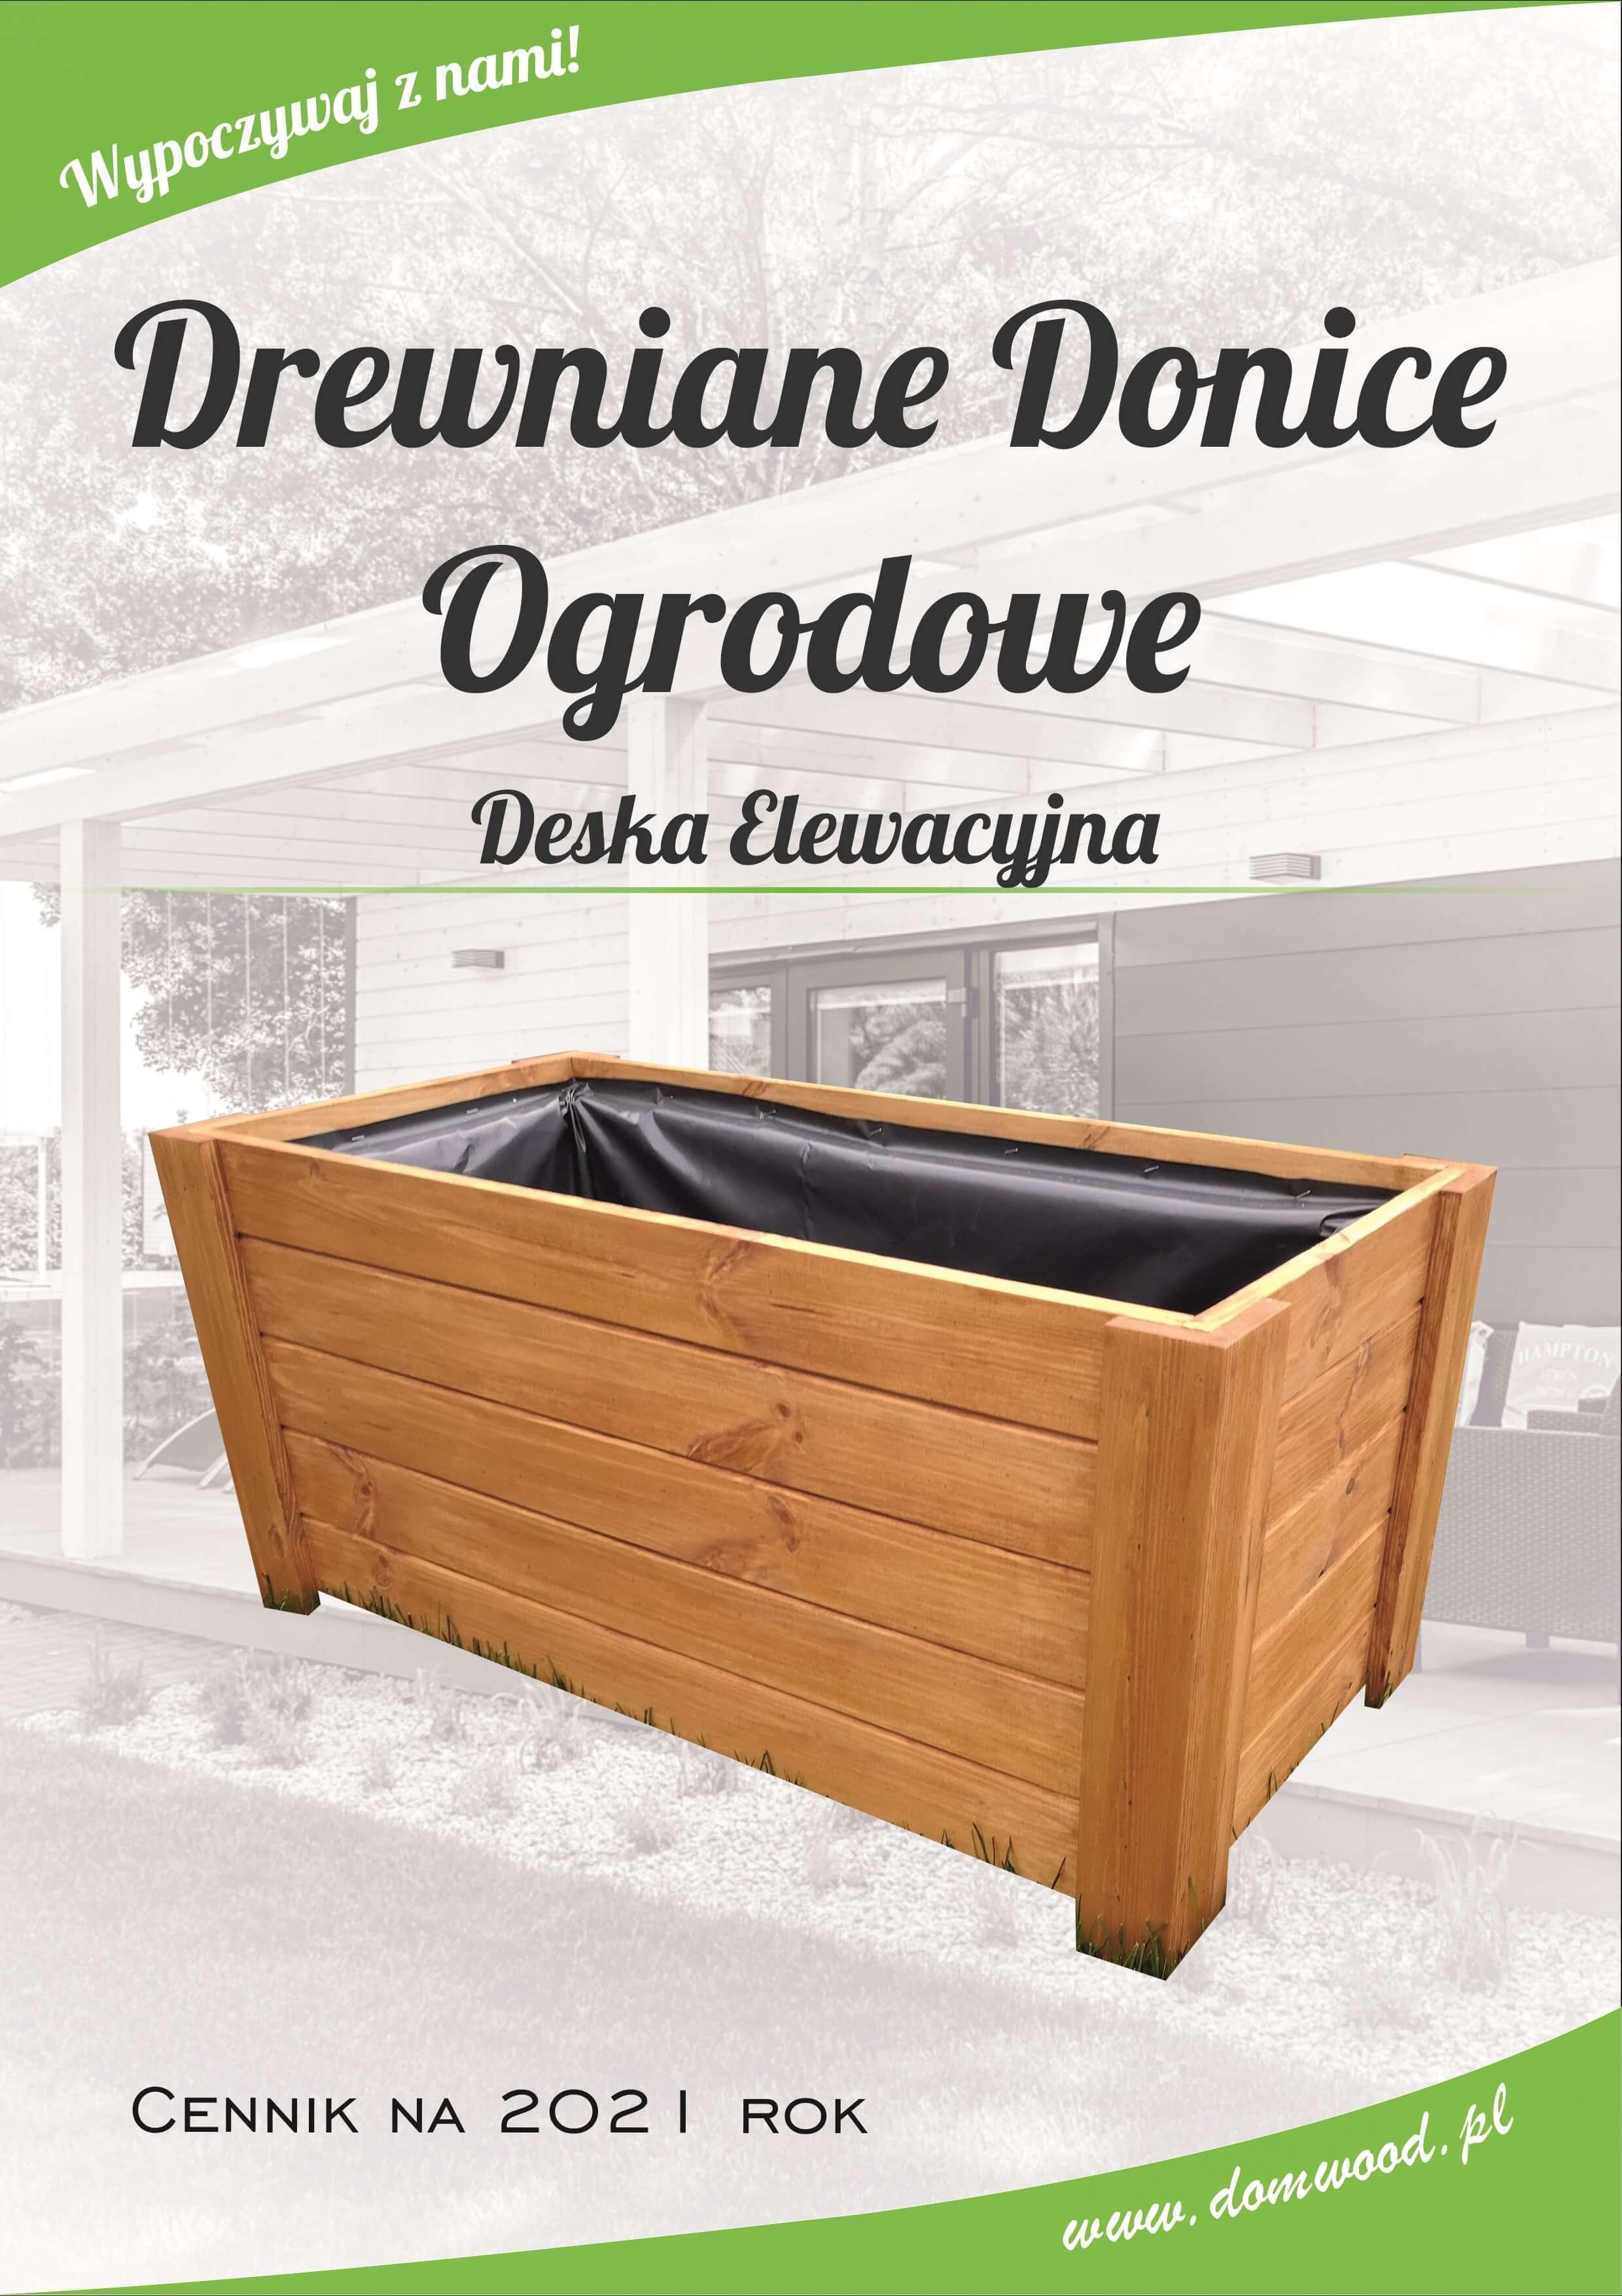 Drewniana donica z deski elewacyjnej